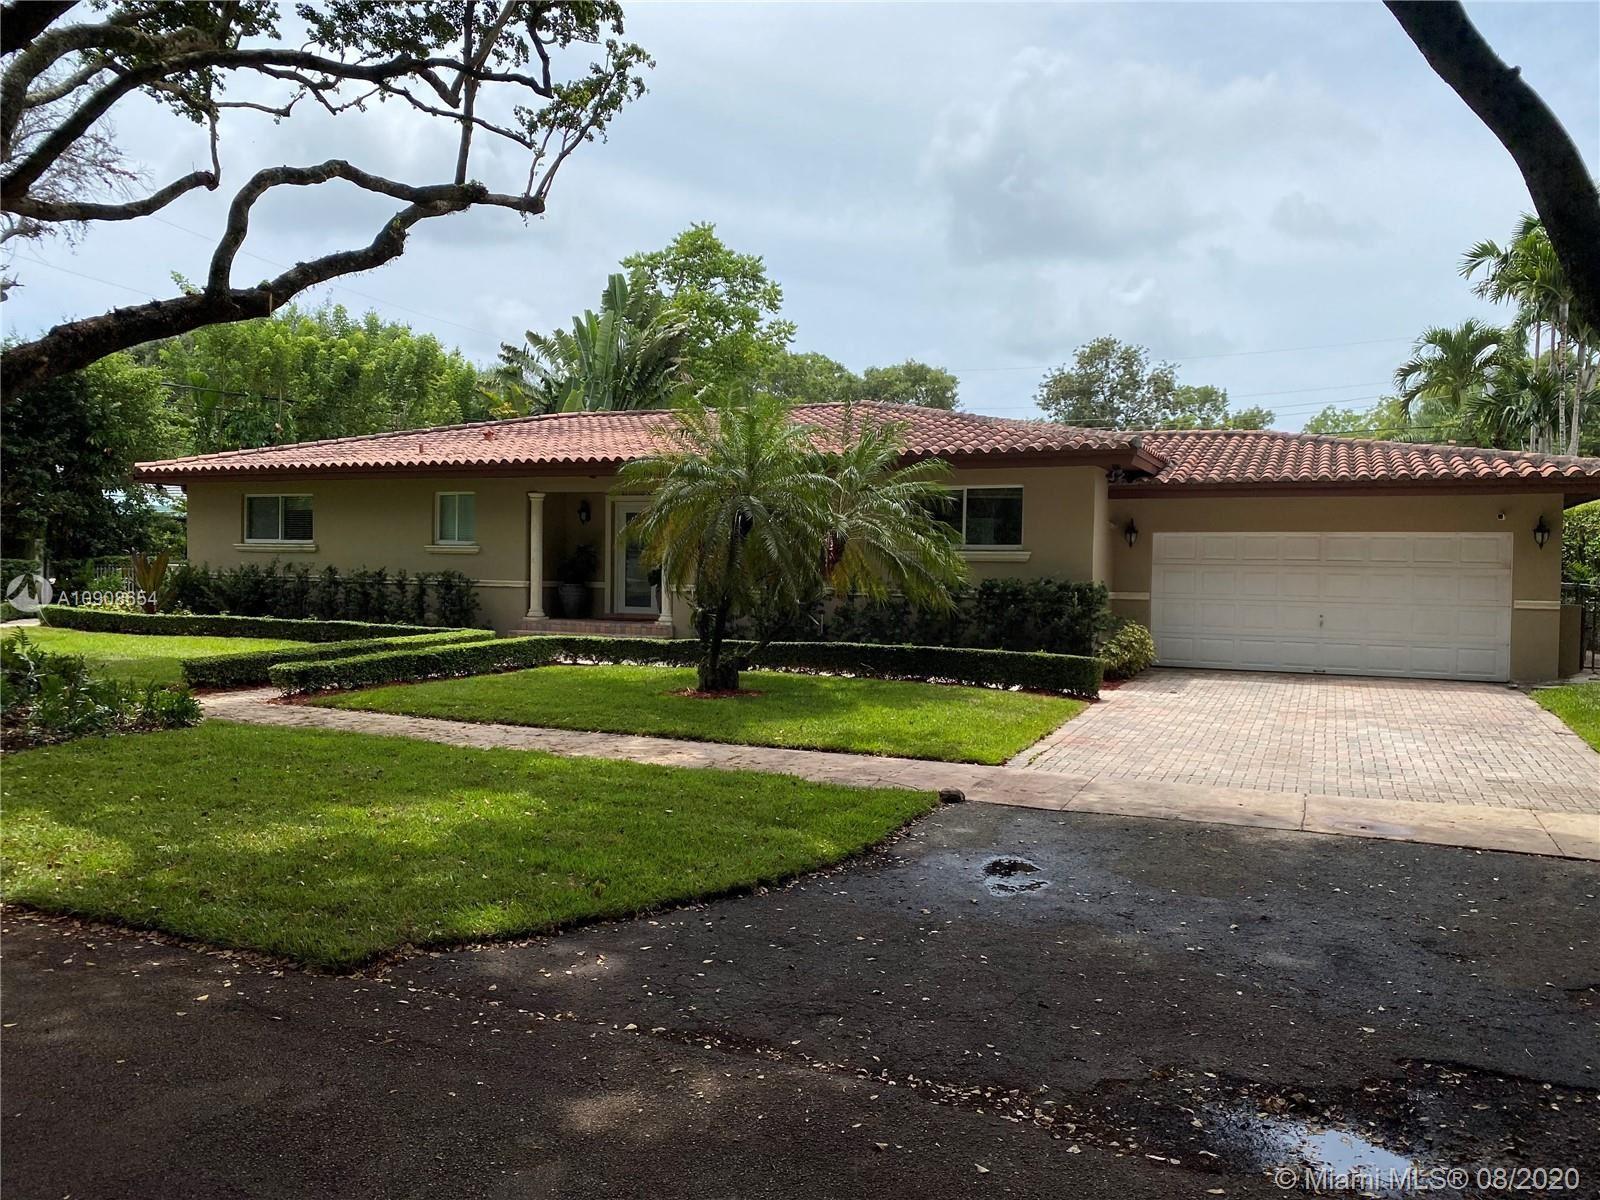 1410 Cecilia Ave, Coral Gables, FL 33146 - #: A10908654